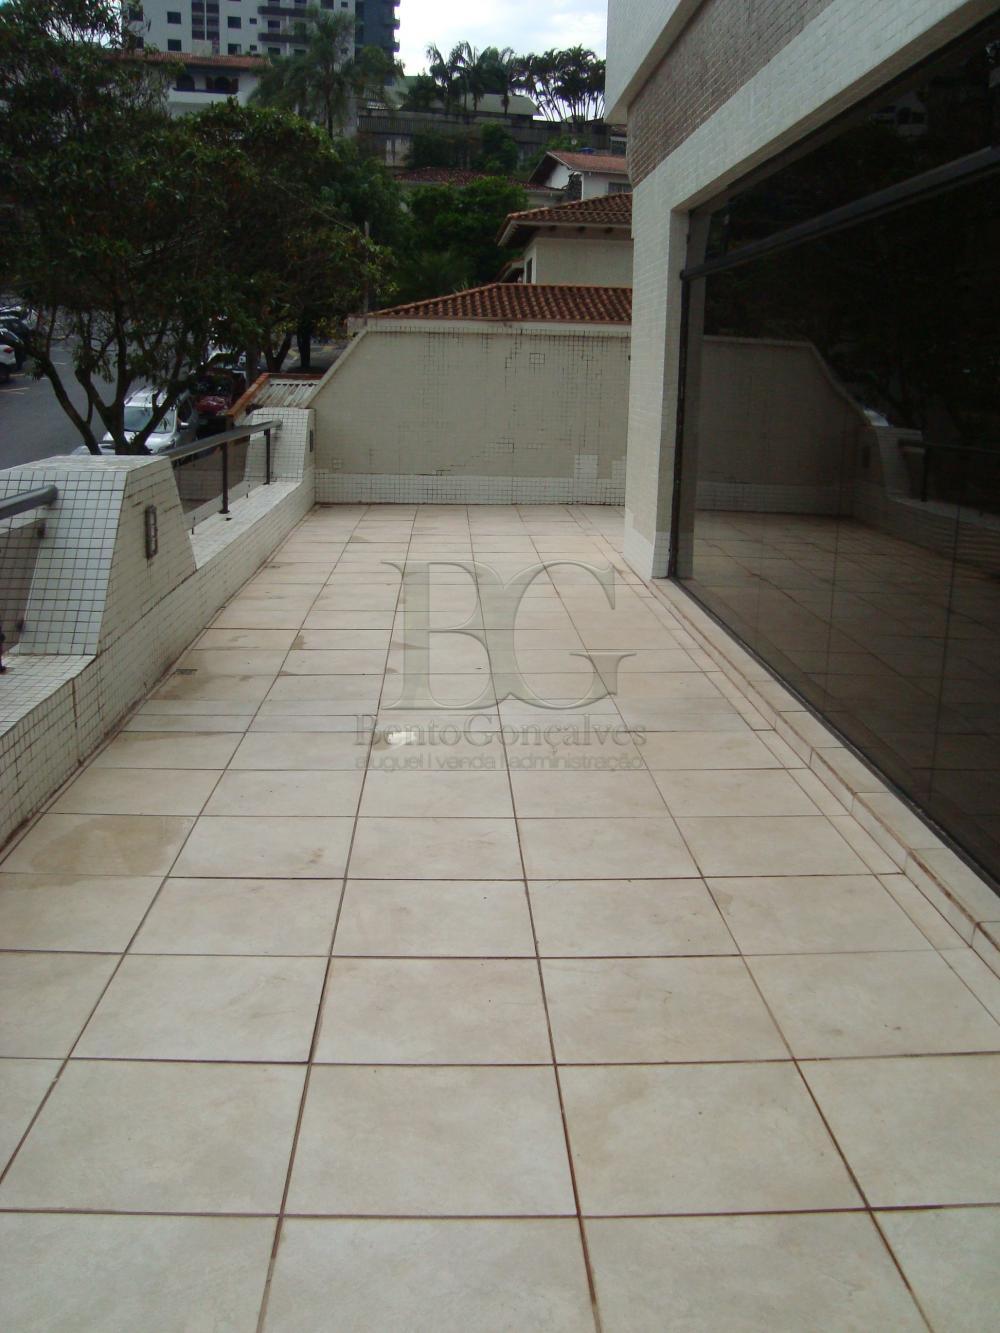 Comprar Apartamentos / Padrão em Poços de Caldas apenas R$ 1.200.000,00 - Foto 23